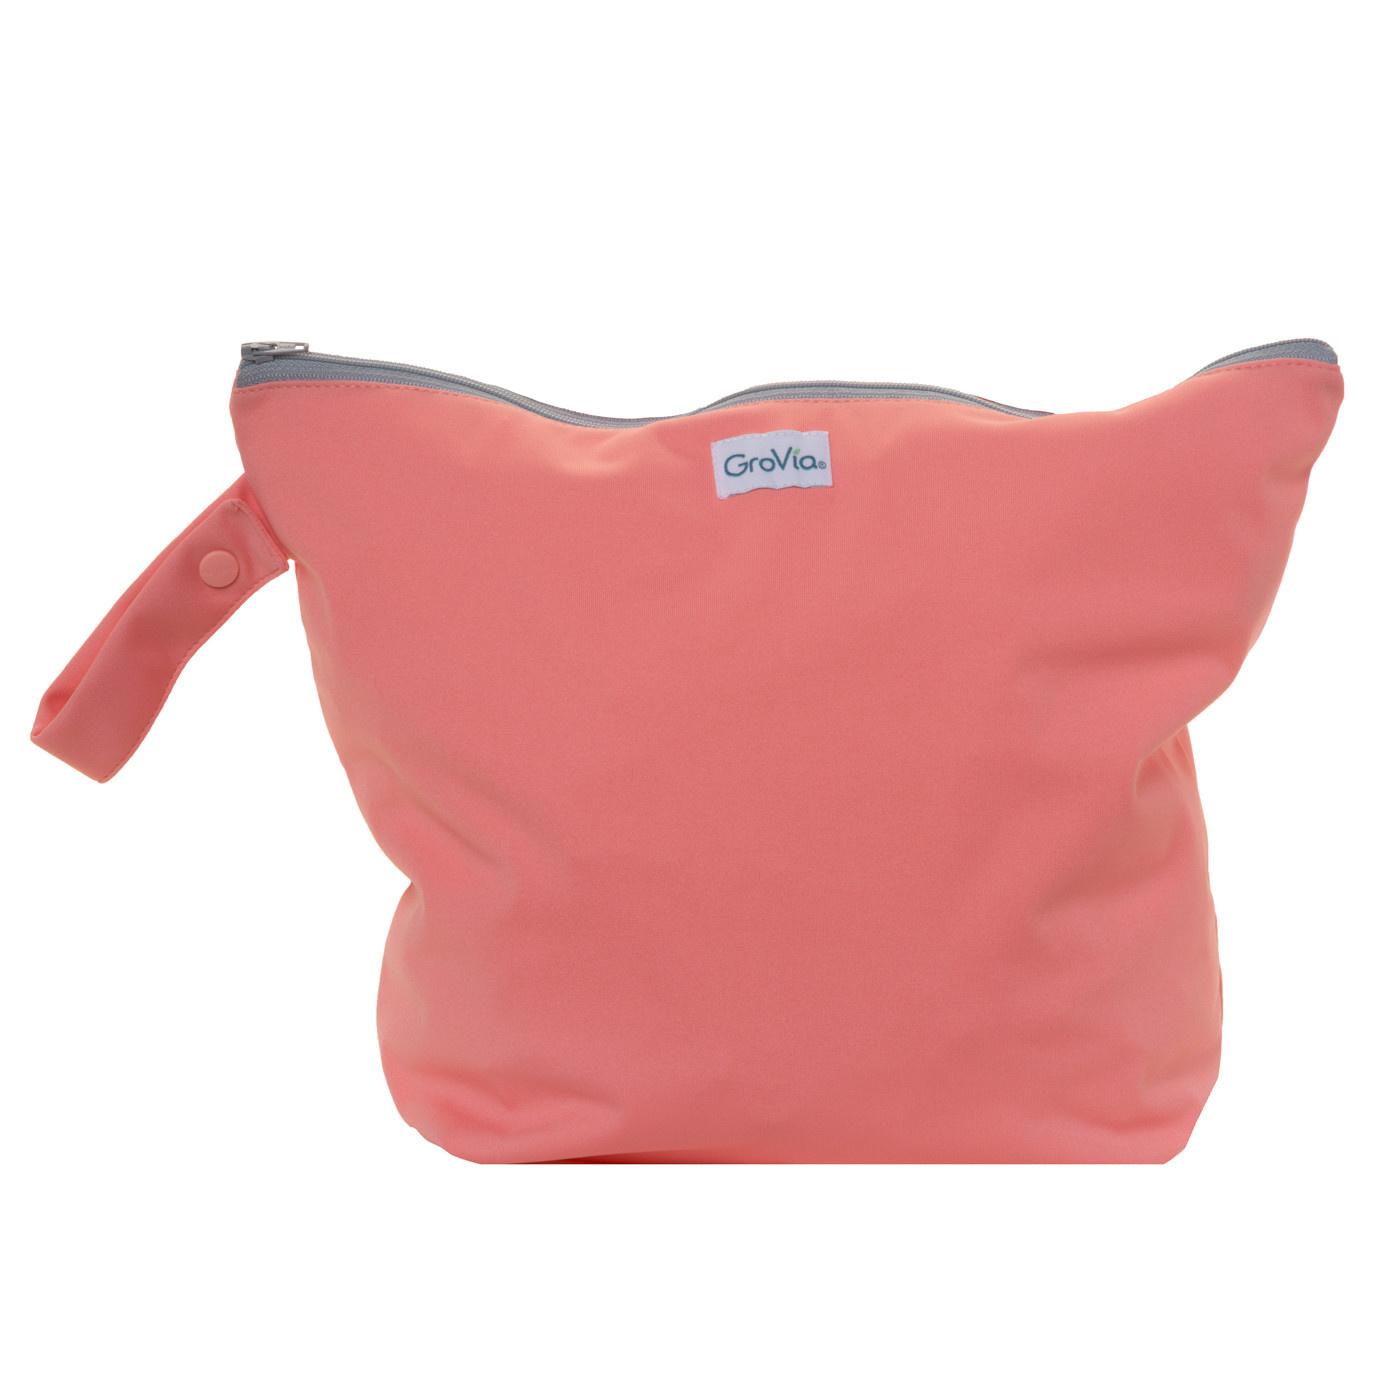 GroVia Zippered Wet Bag Rose